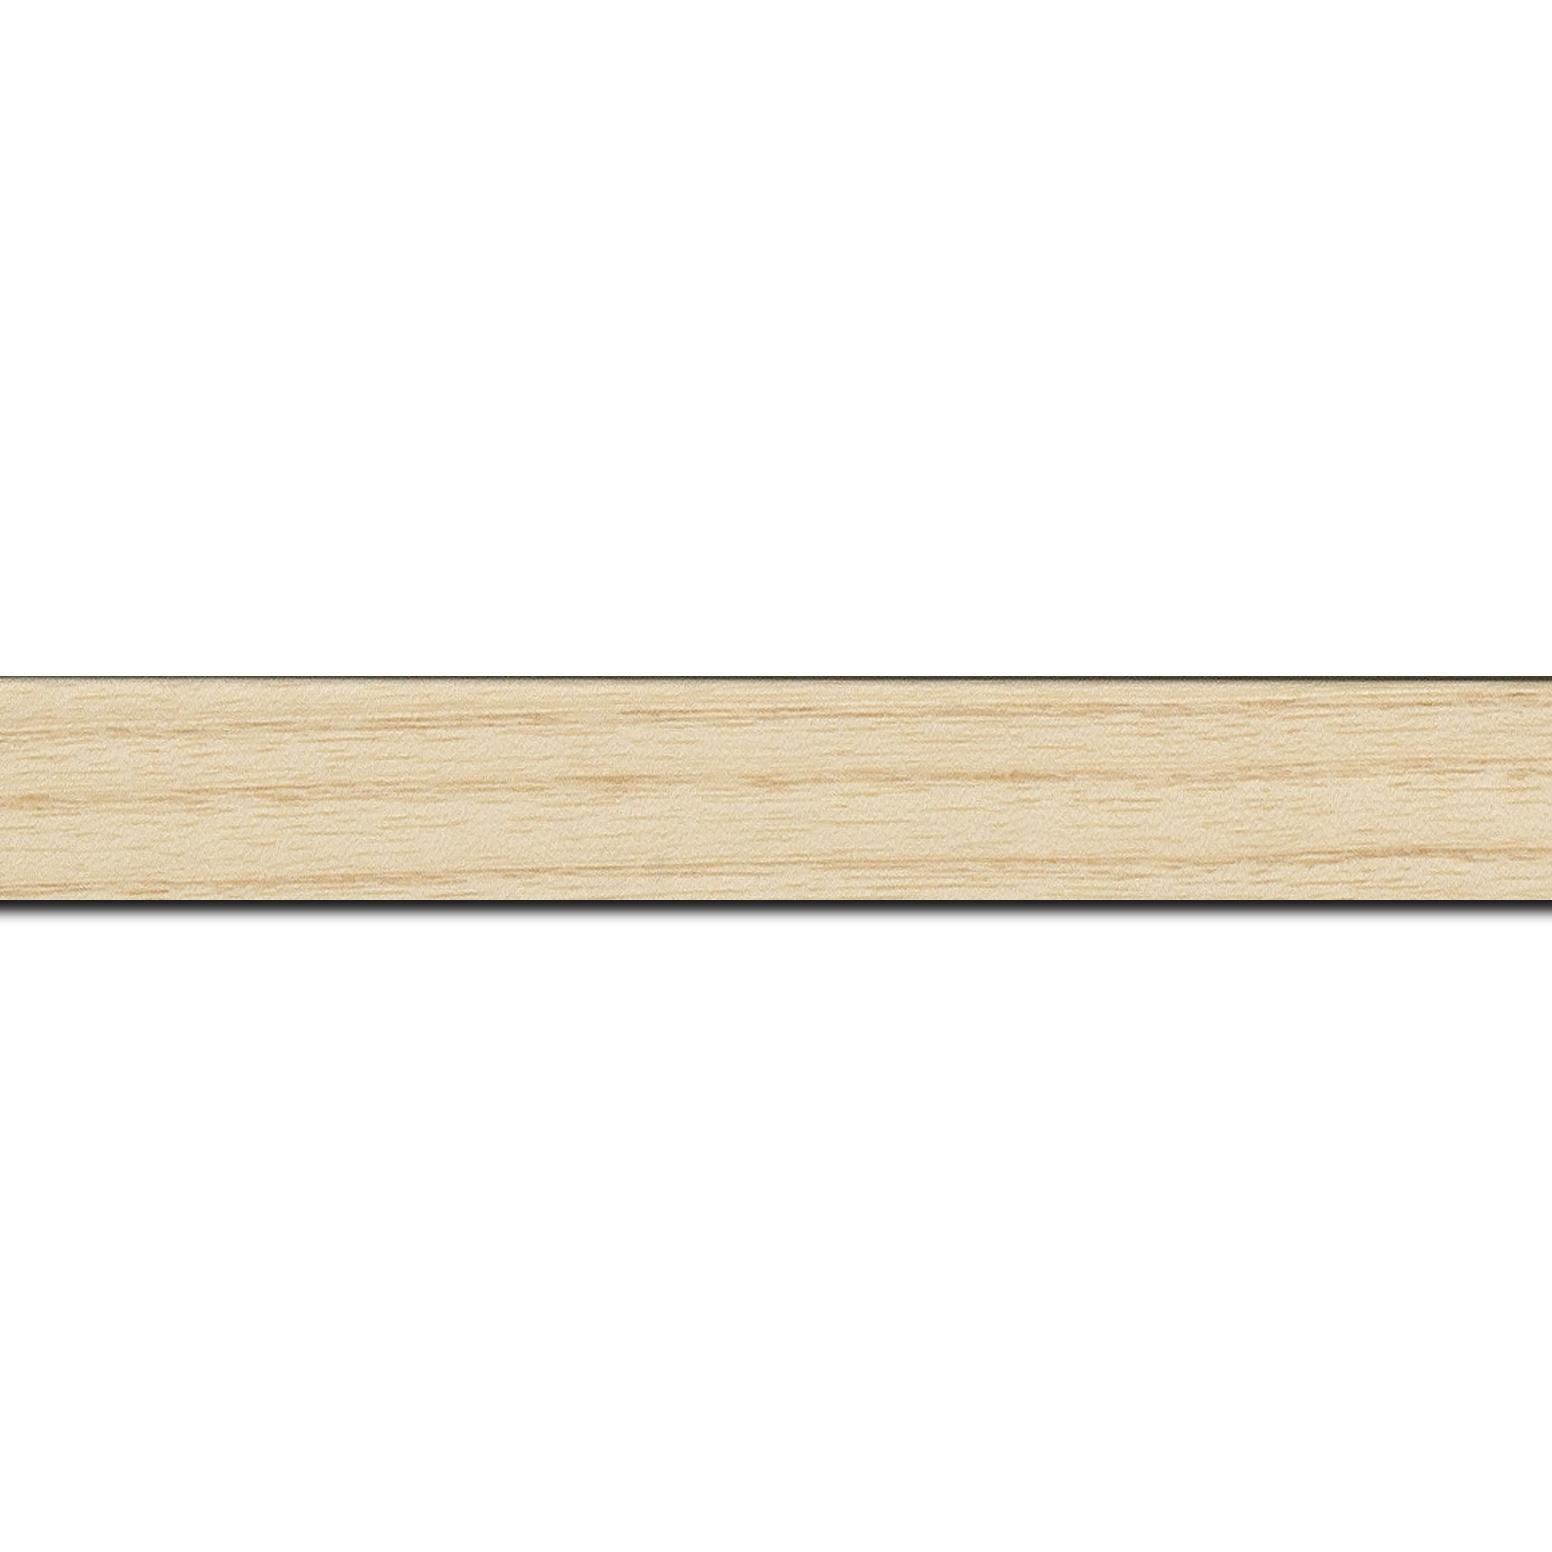 Baguette longueur 1.40m bois profil plat largeur 2.5cm plaquage haut de gamme frêne naturel